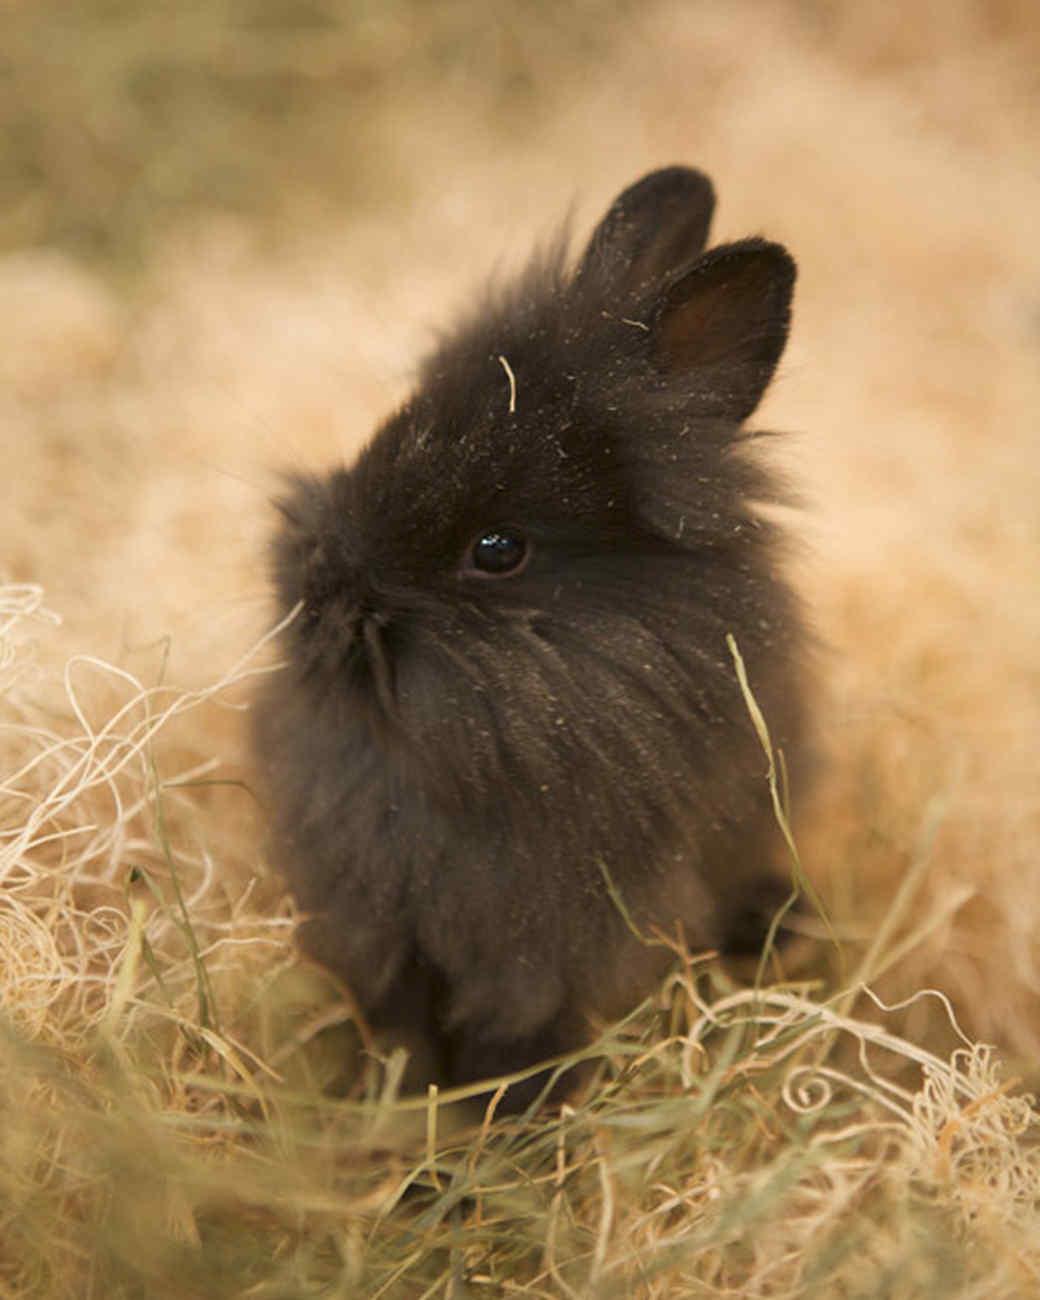 m4126_bunnies121.jpg